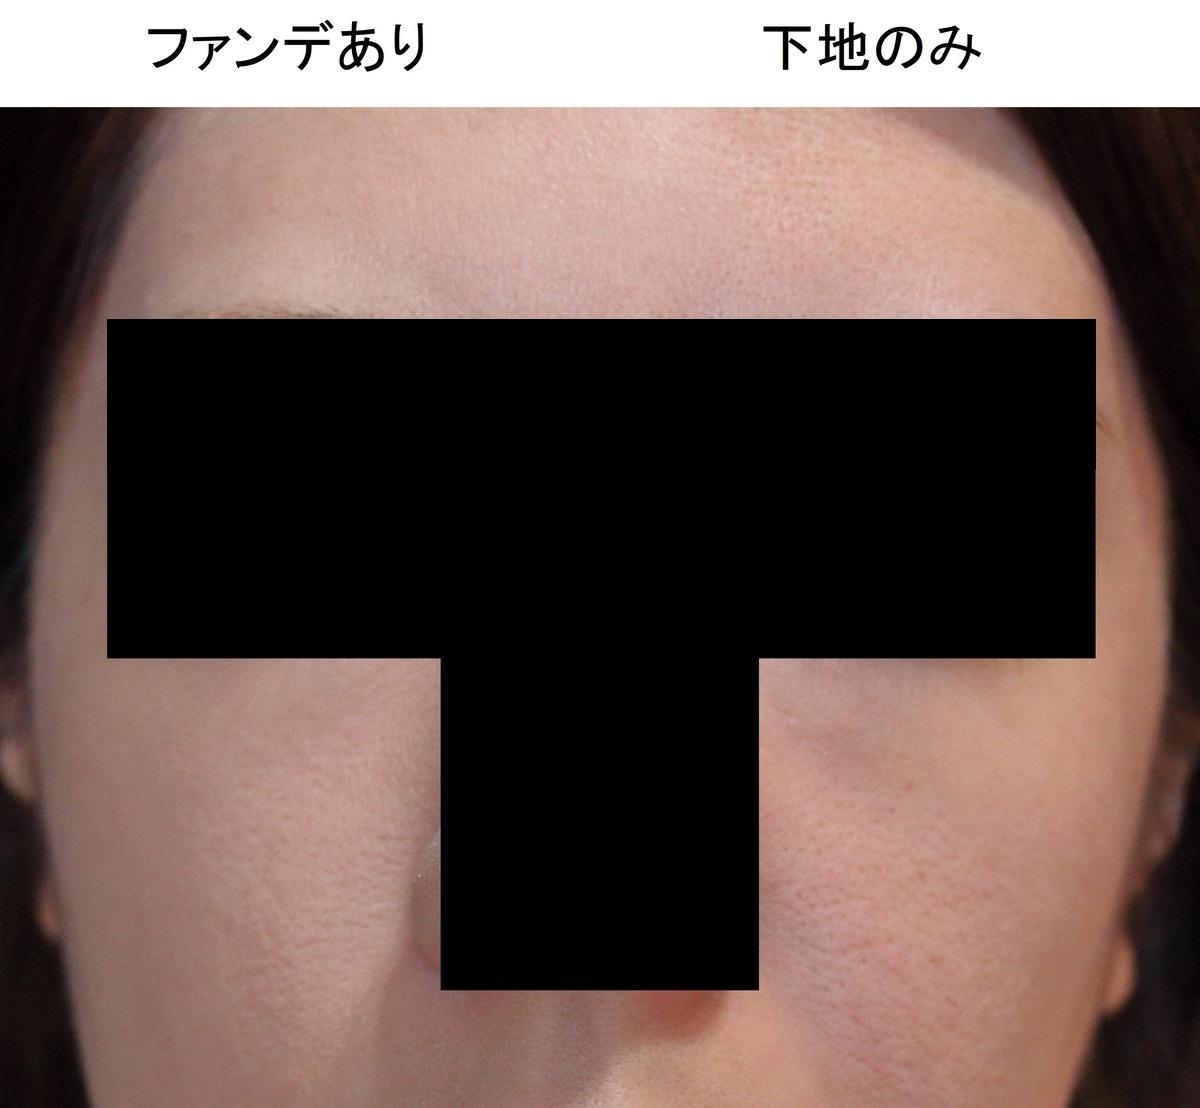 f:id:mentsuyu-san:20190518031751j:plain